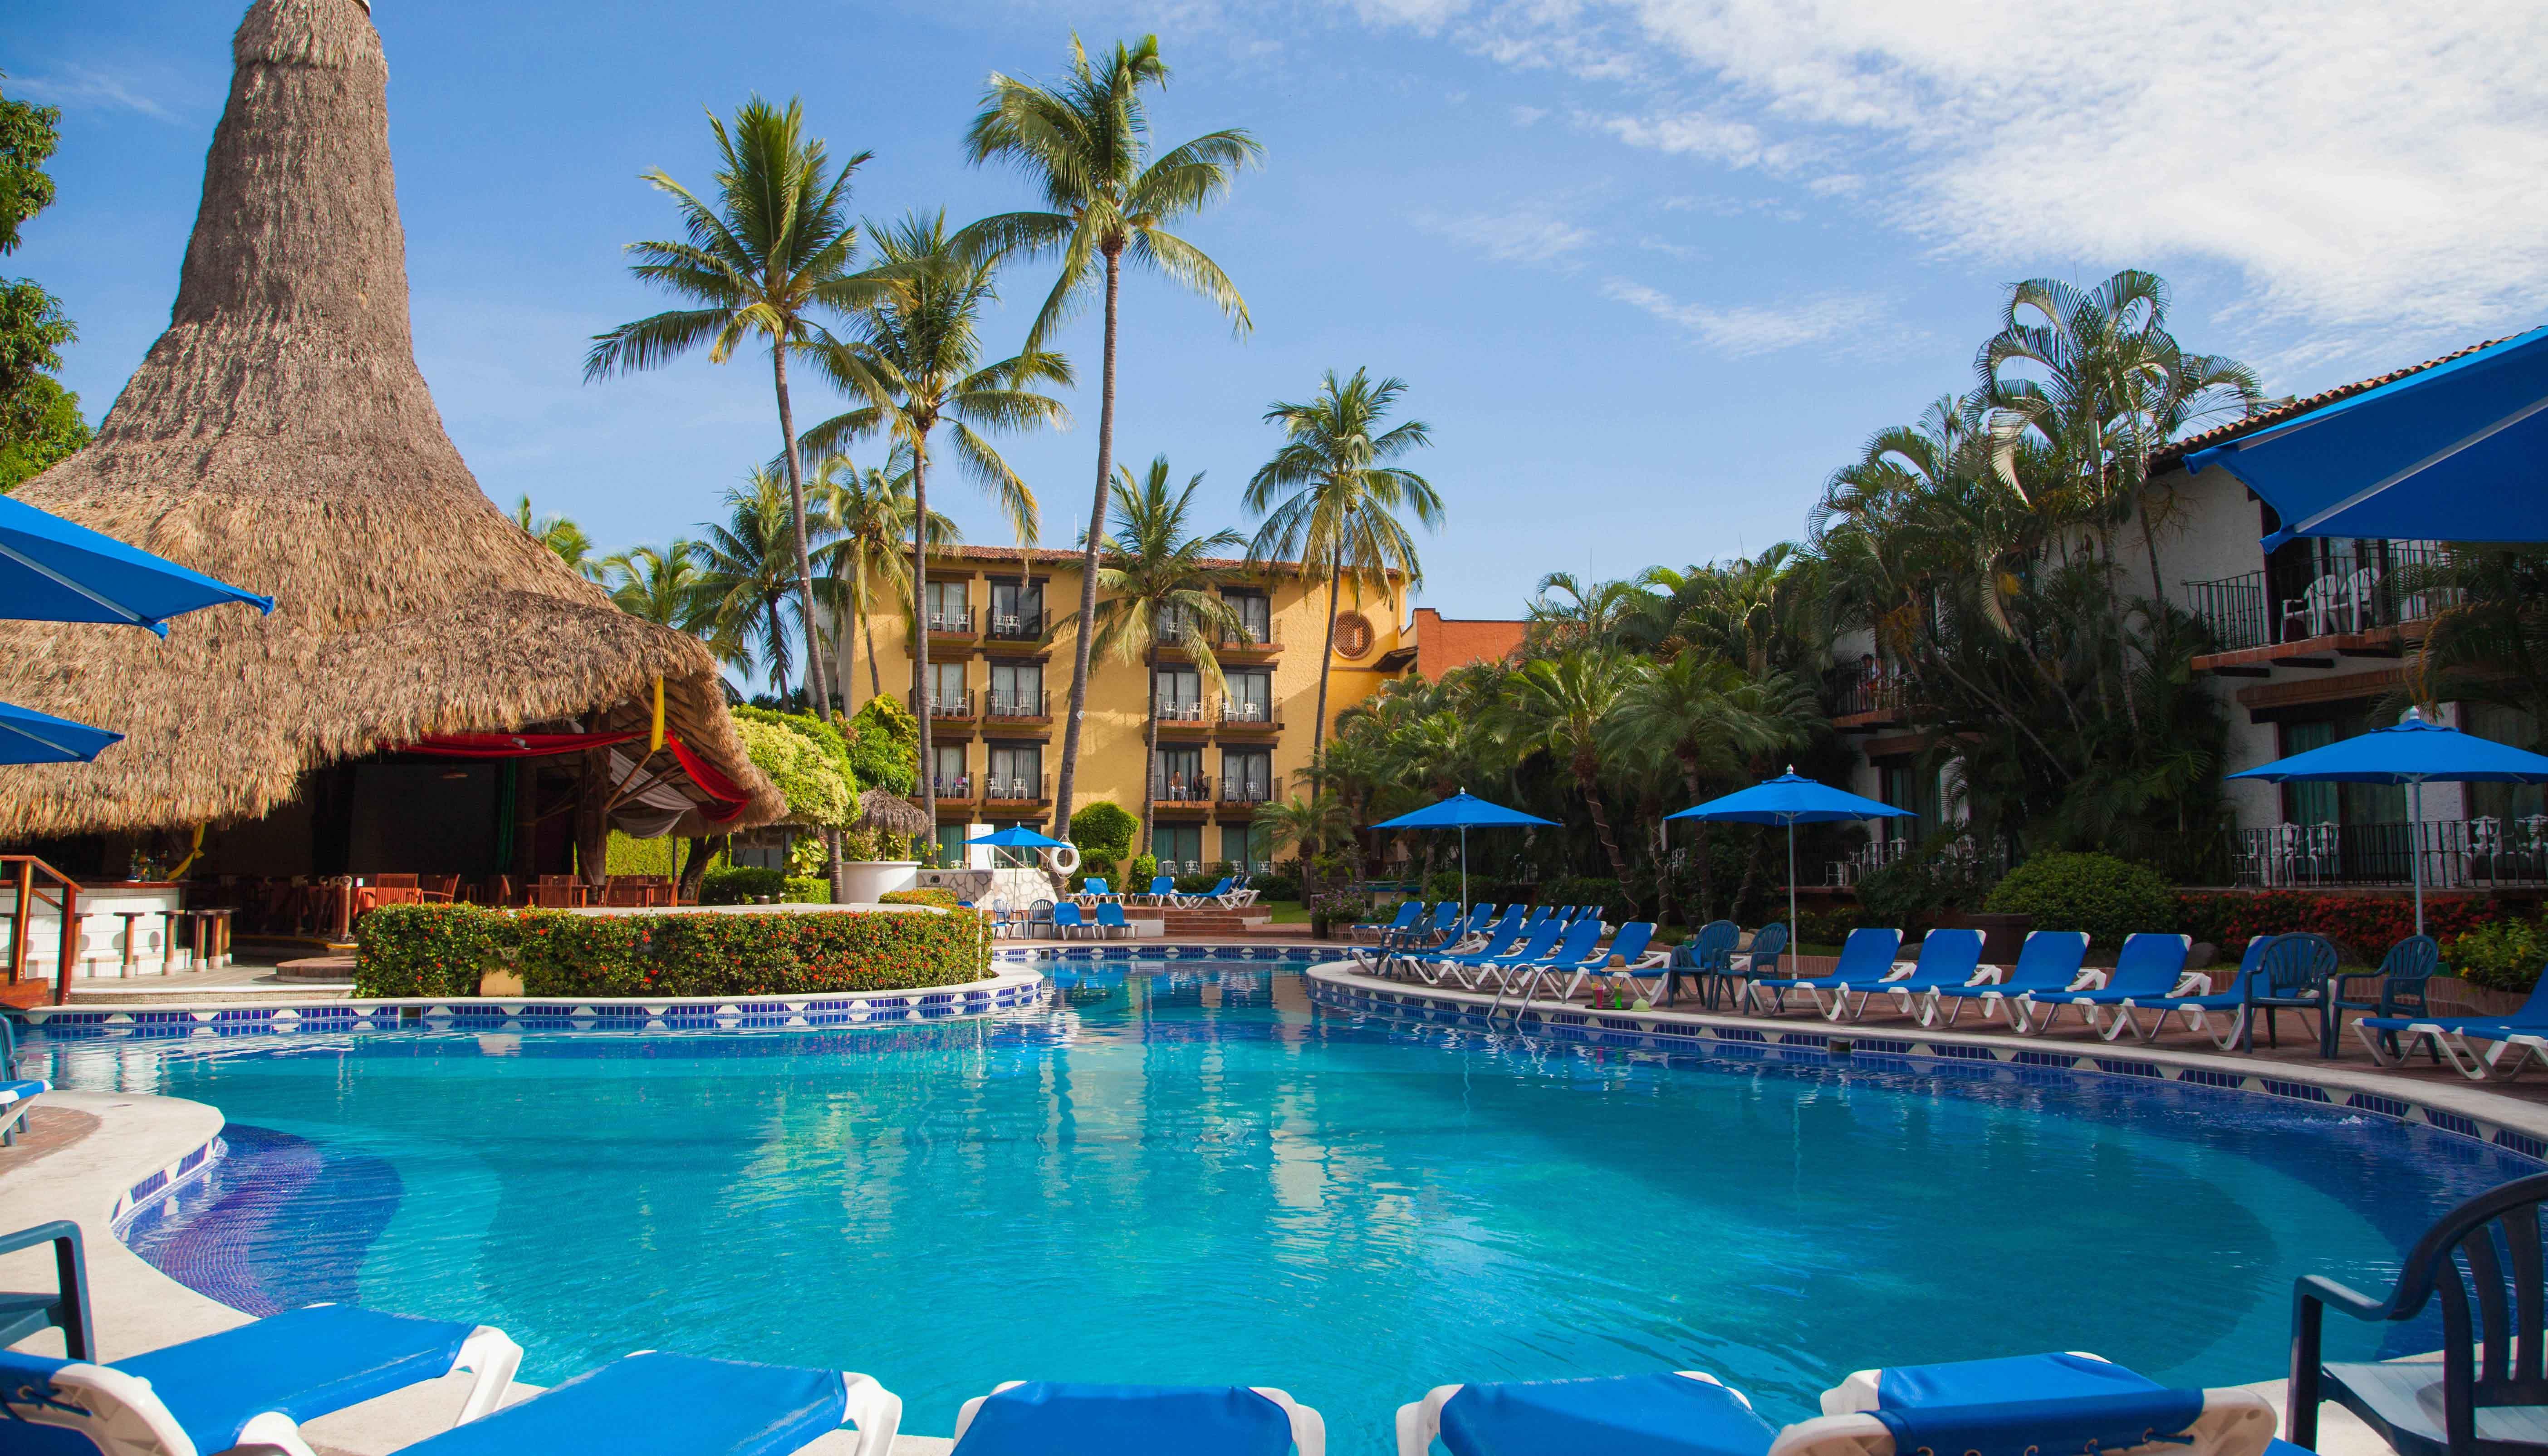 Hacienda Hotel And Spa Puerto Vallarta